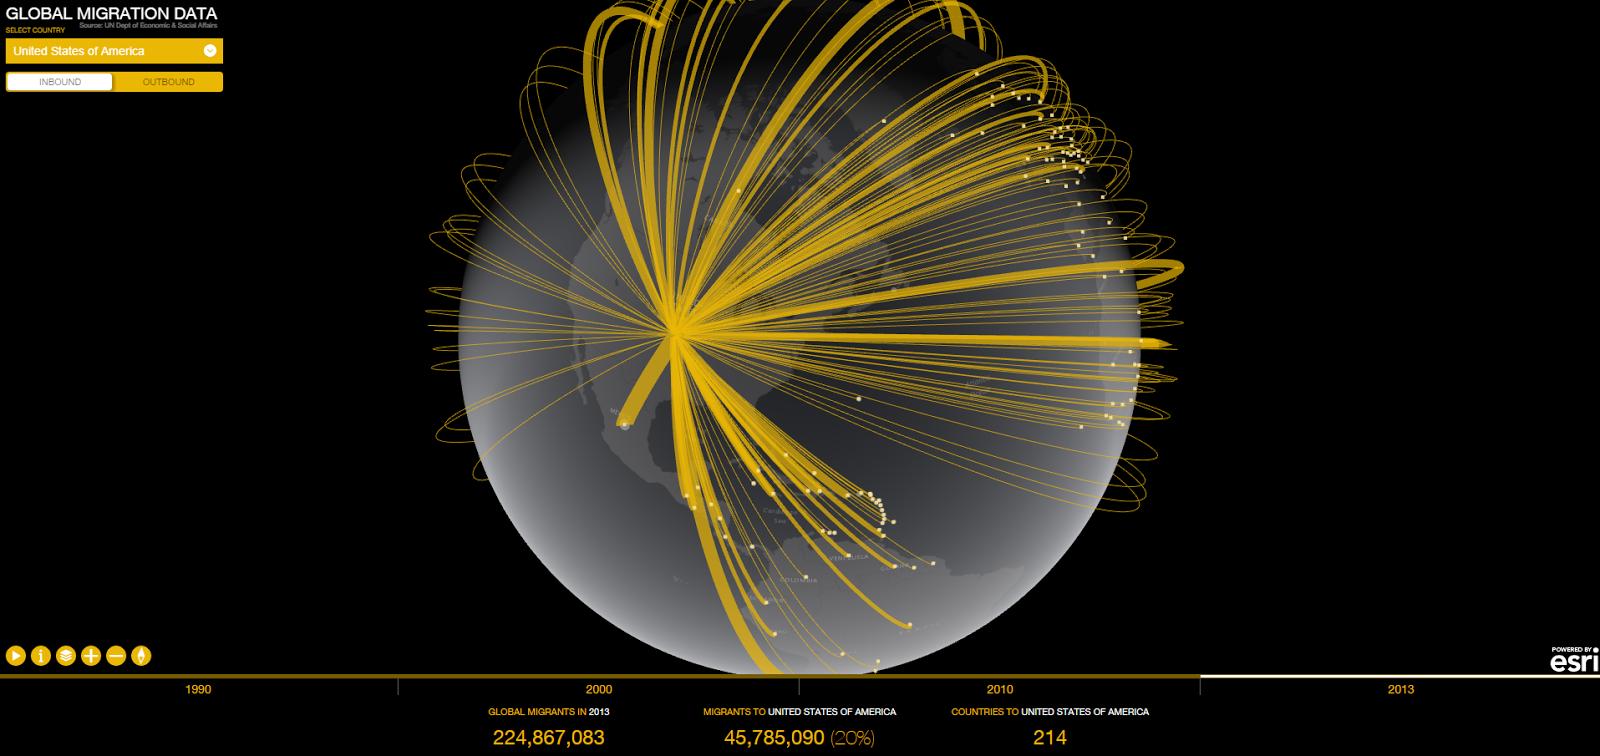 Global migration data